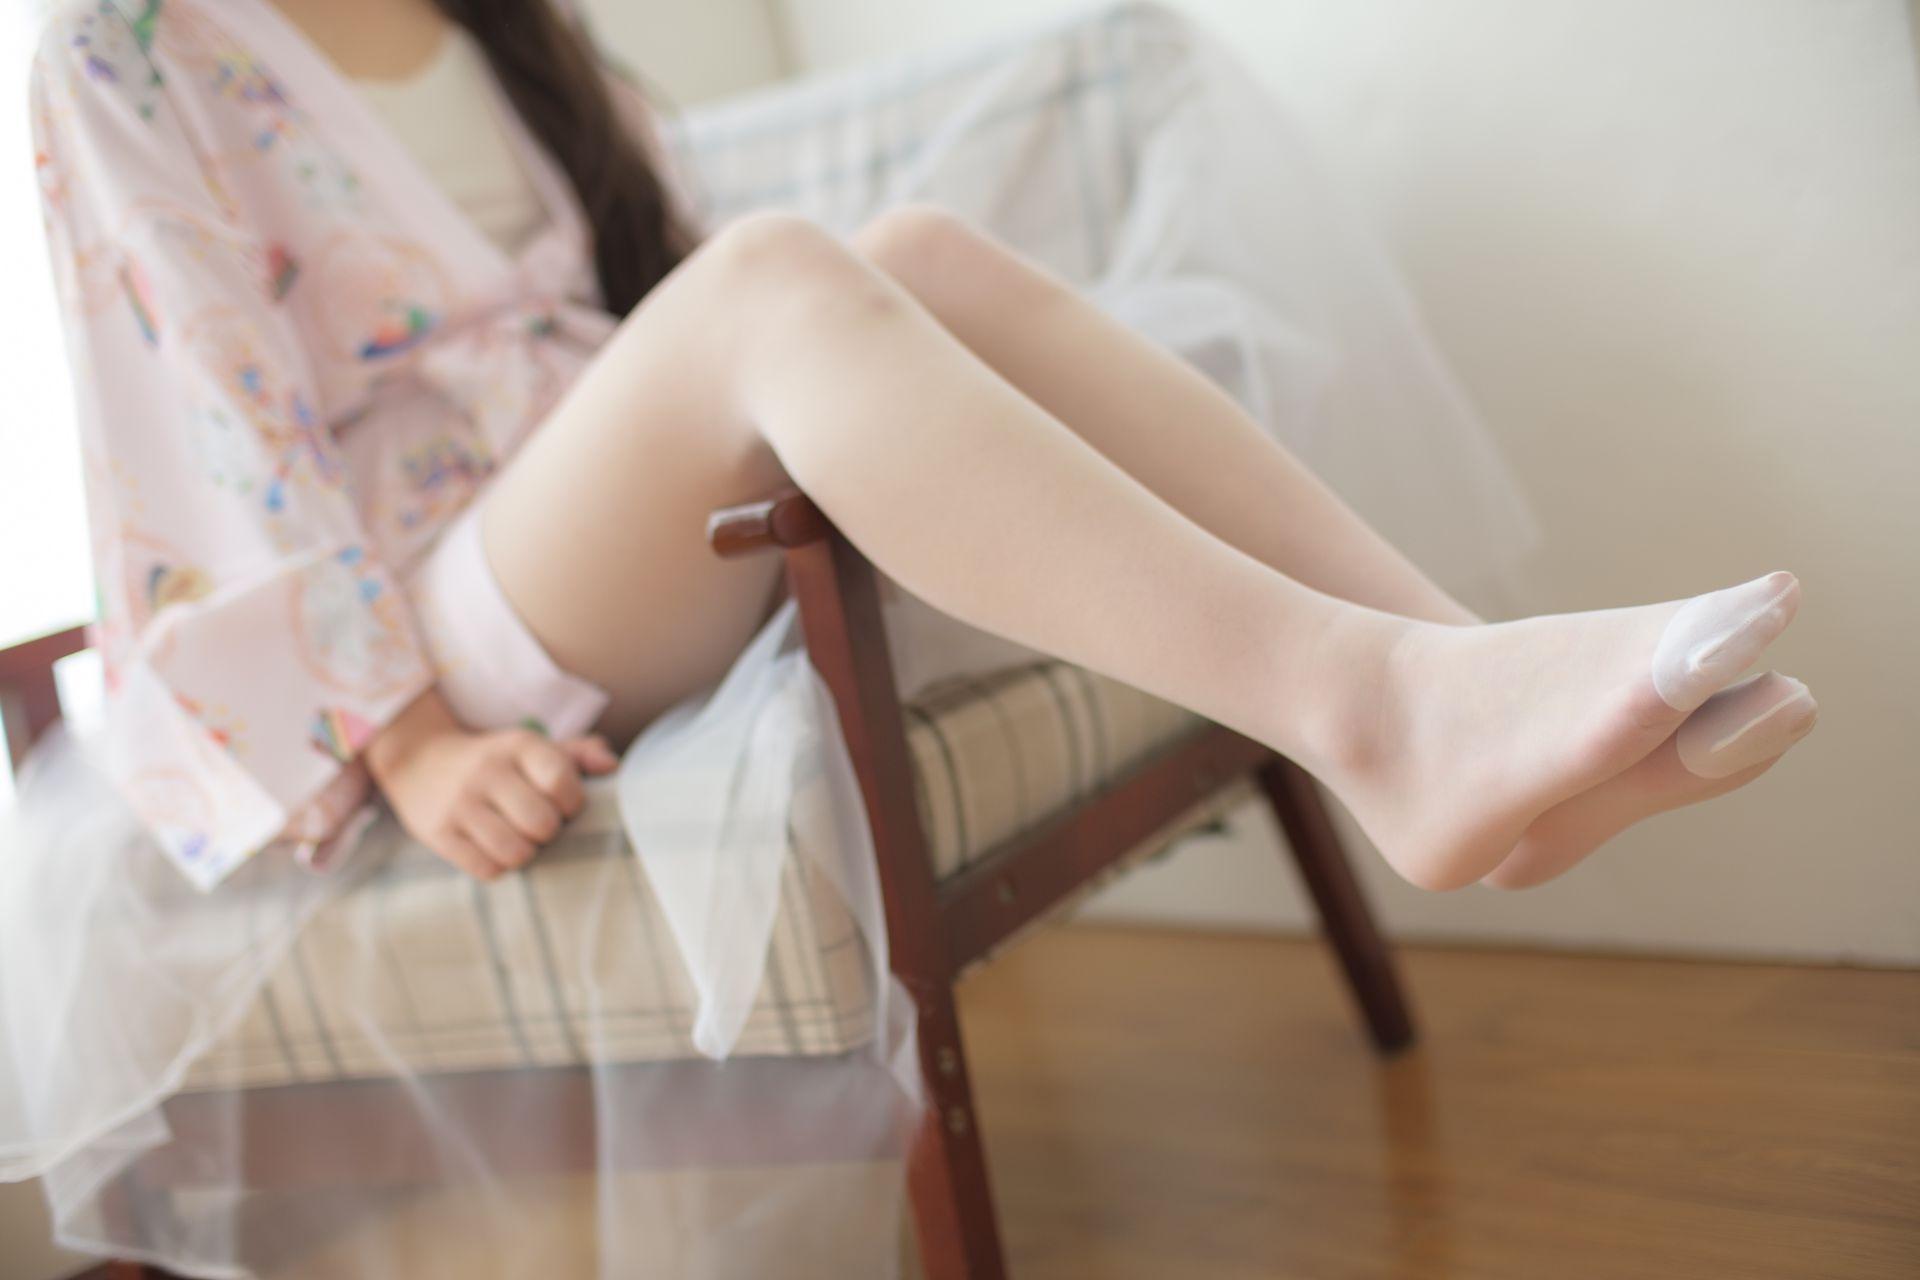 【森萝财团】森萝财团写真 – X-022 少女的清凉白丝 [90P-1V-1.58GB] X系列 第5张